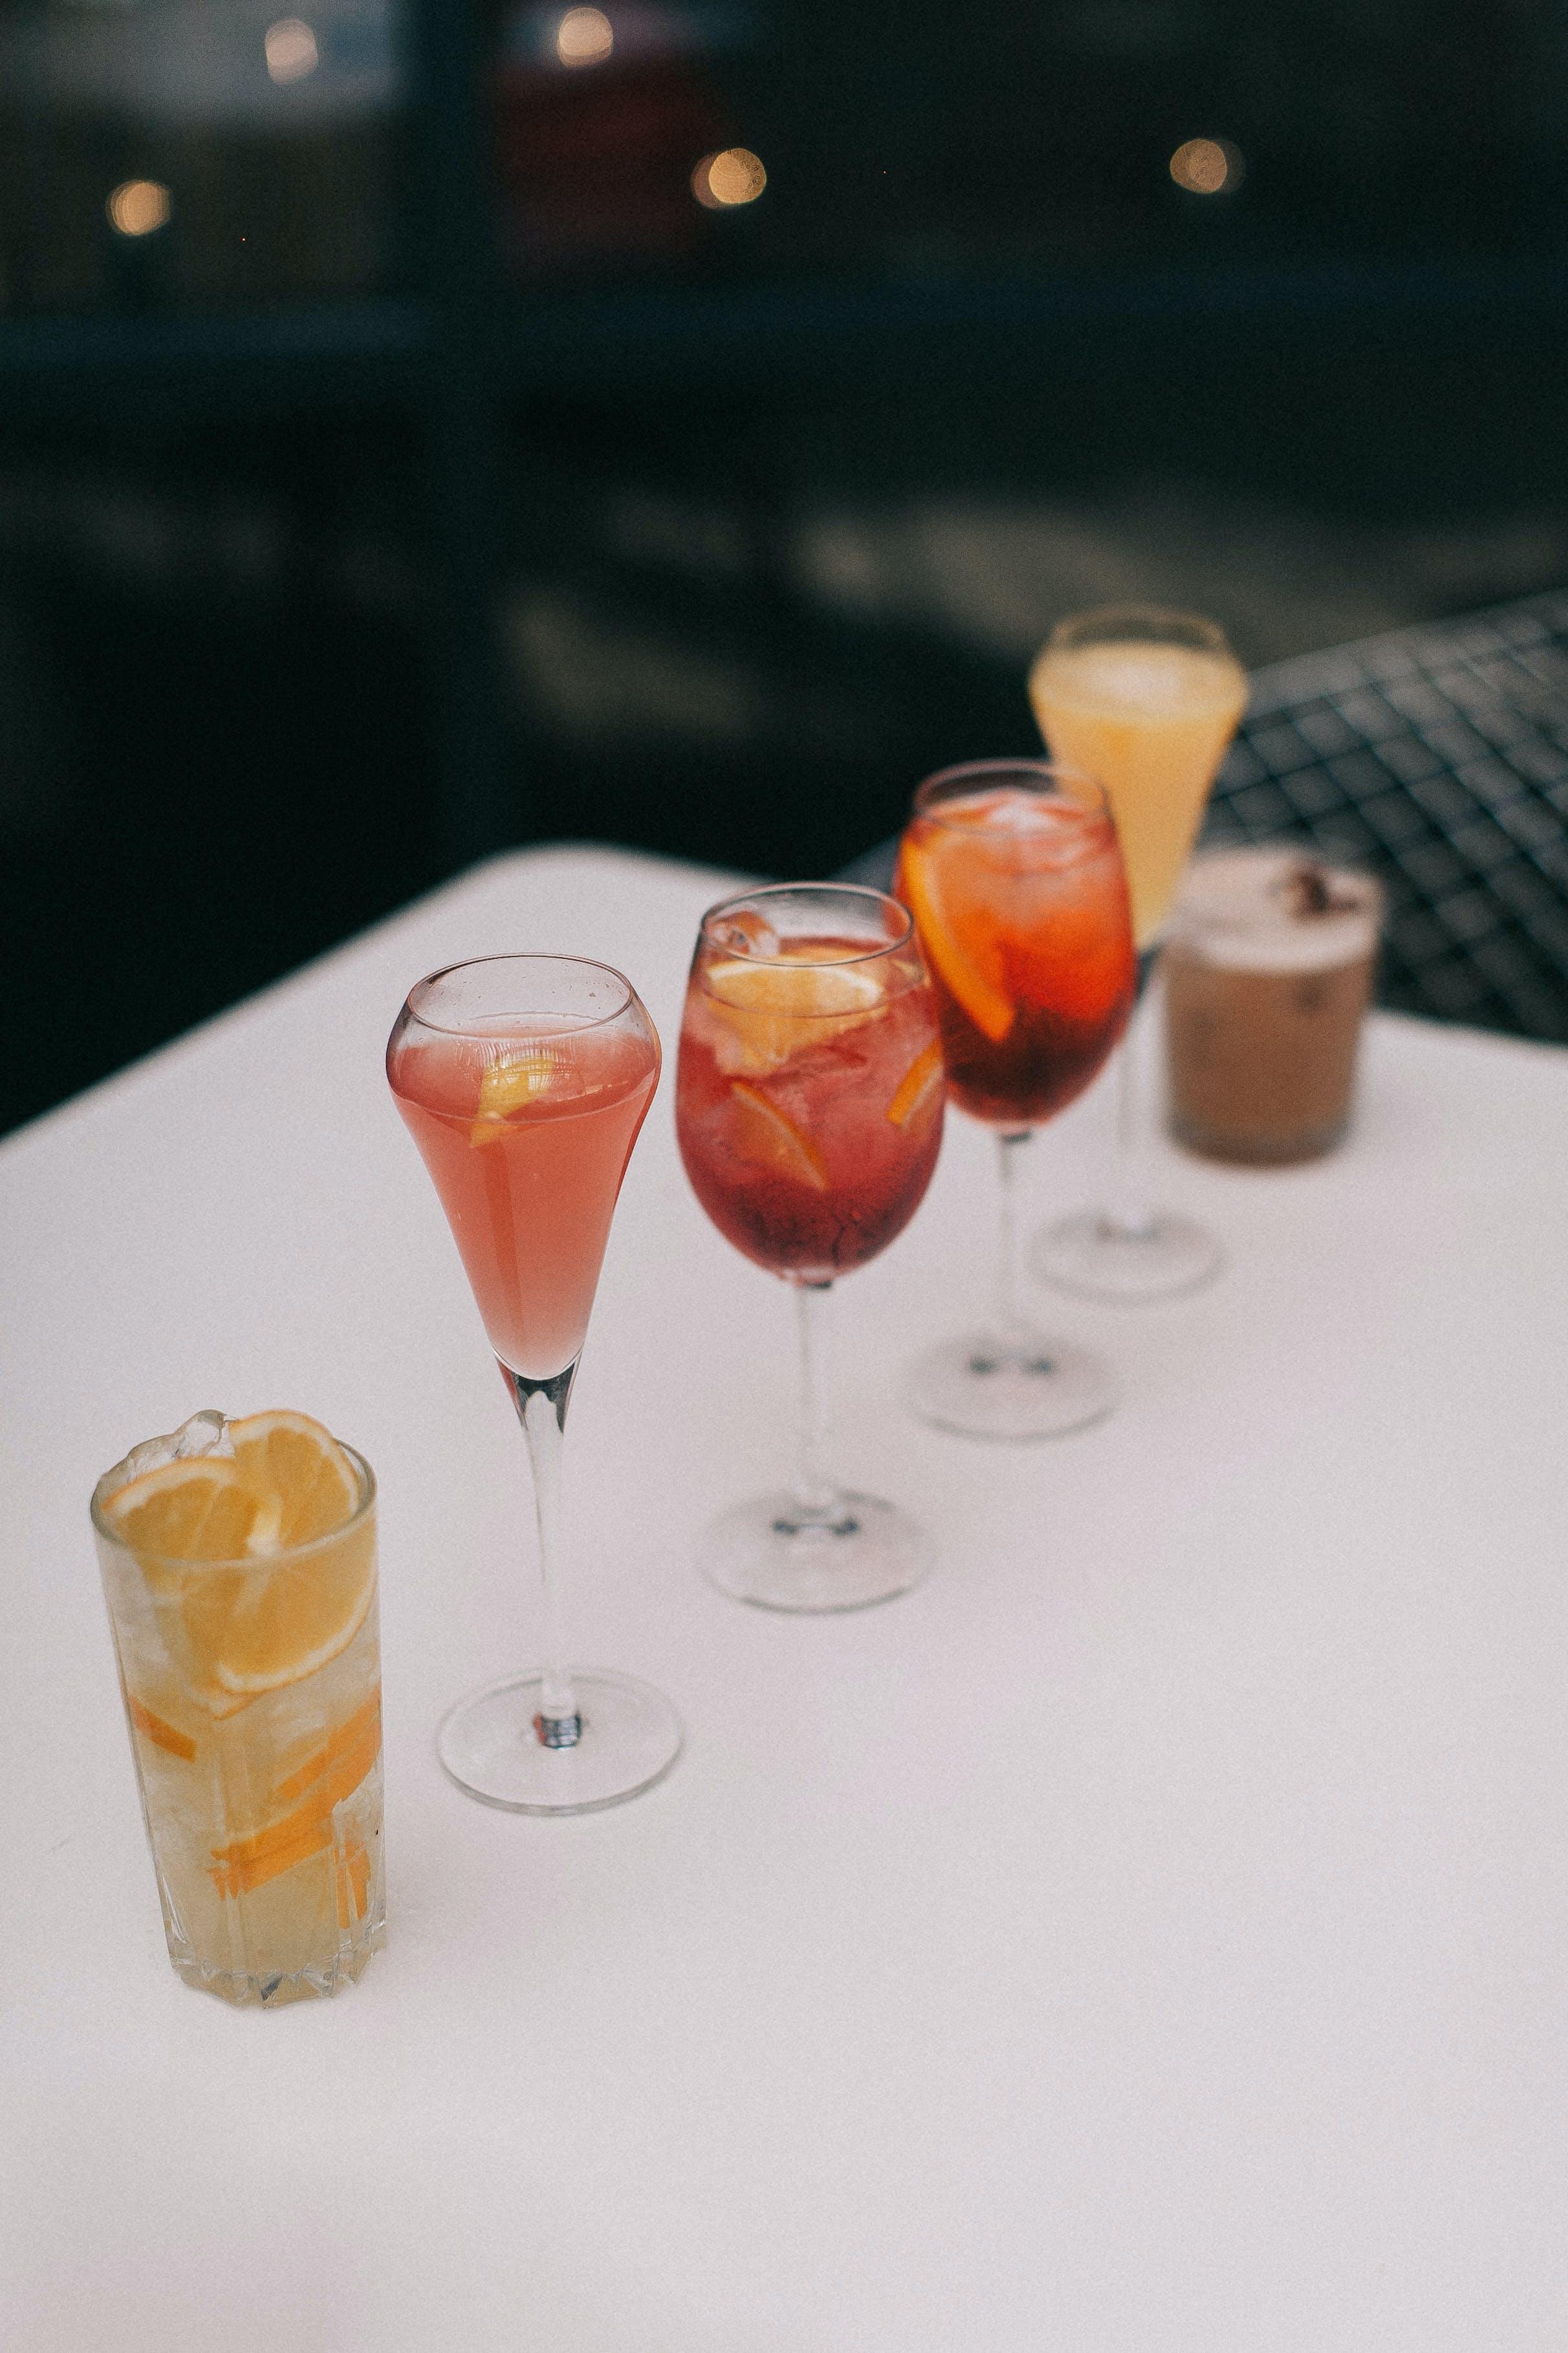 Gratis lagerfoto af alkohol, alkoholisk drikkevare, citron, Citrus